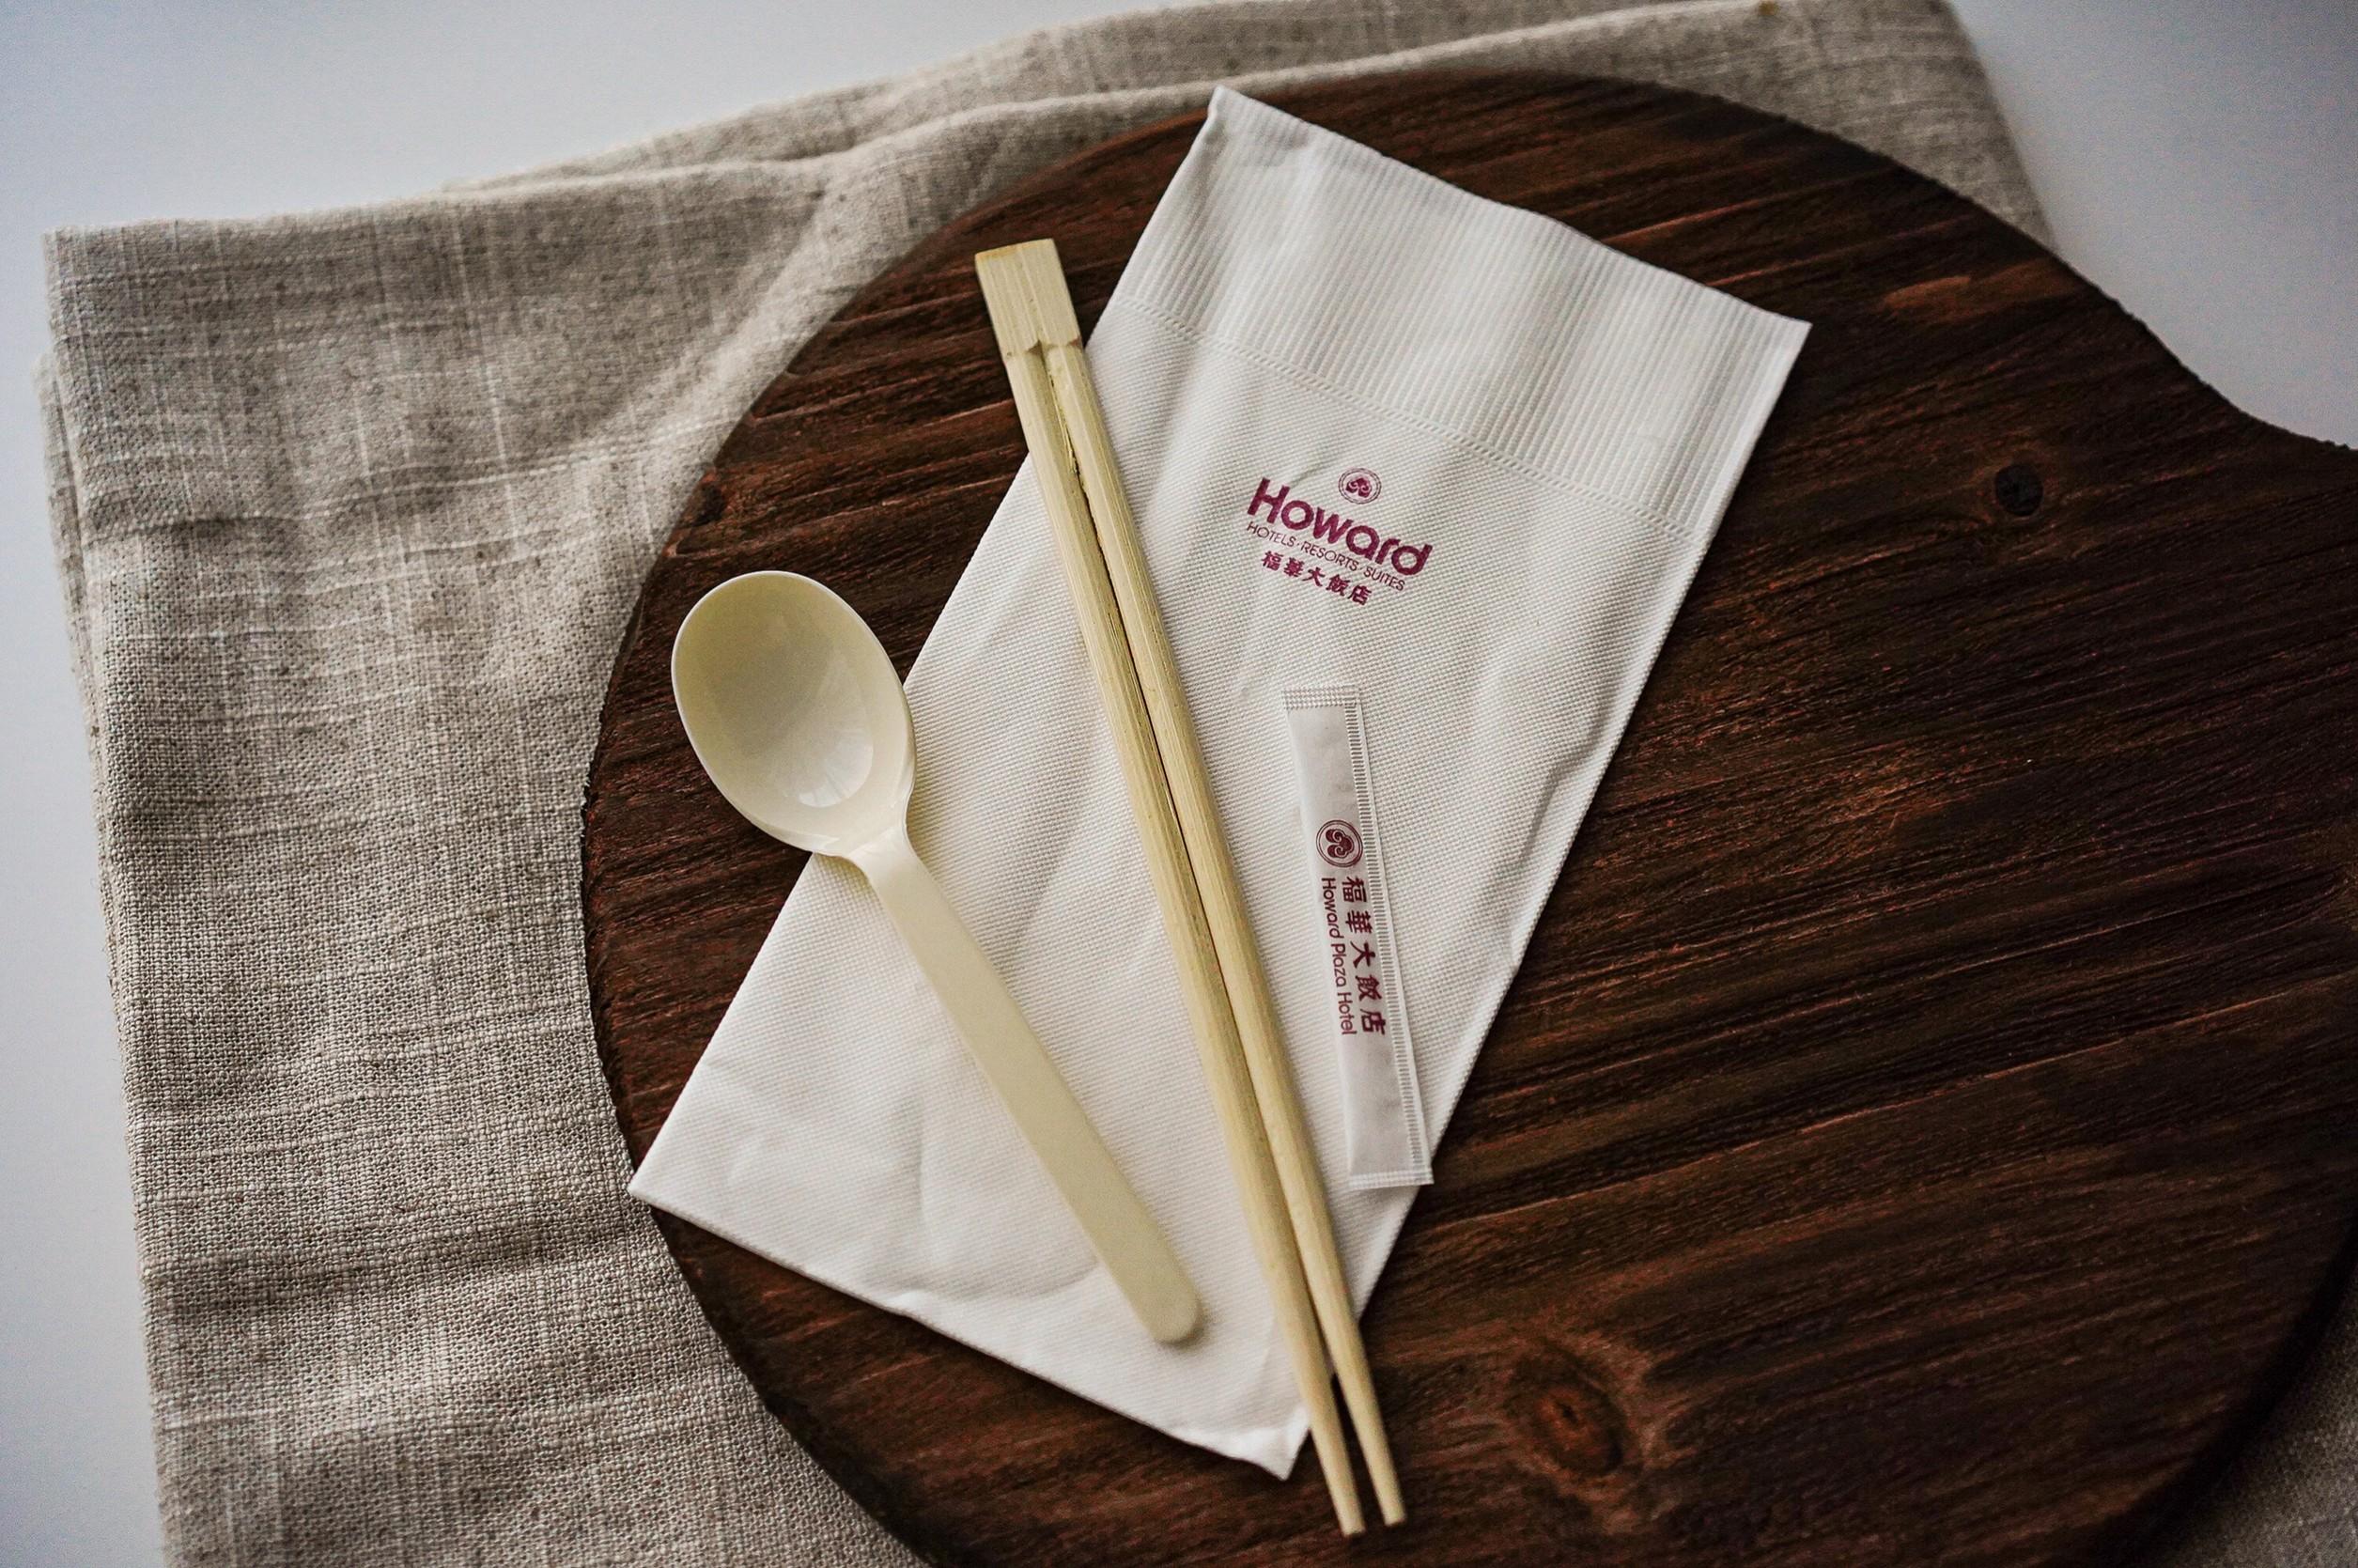 五星級飯店裡唯一的台菜餐廳:福華大飯店蓬萊邨終於開放外帶外送,22道經典功夫菜任您選!